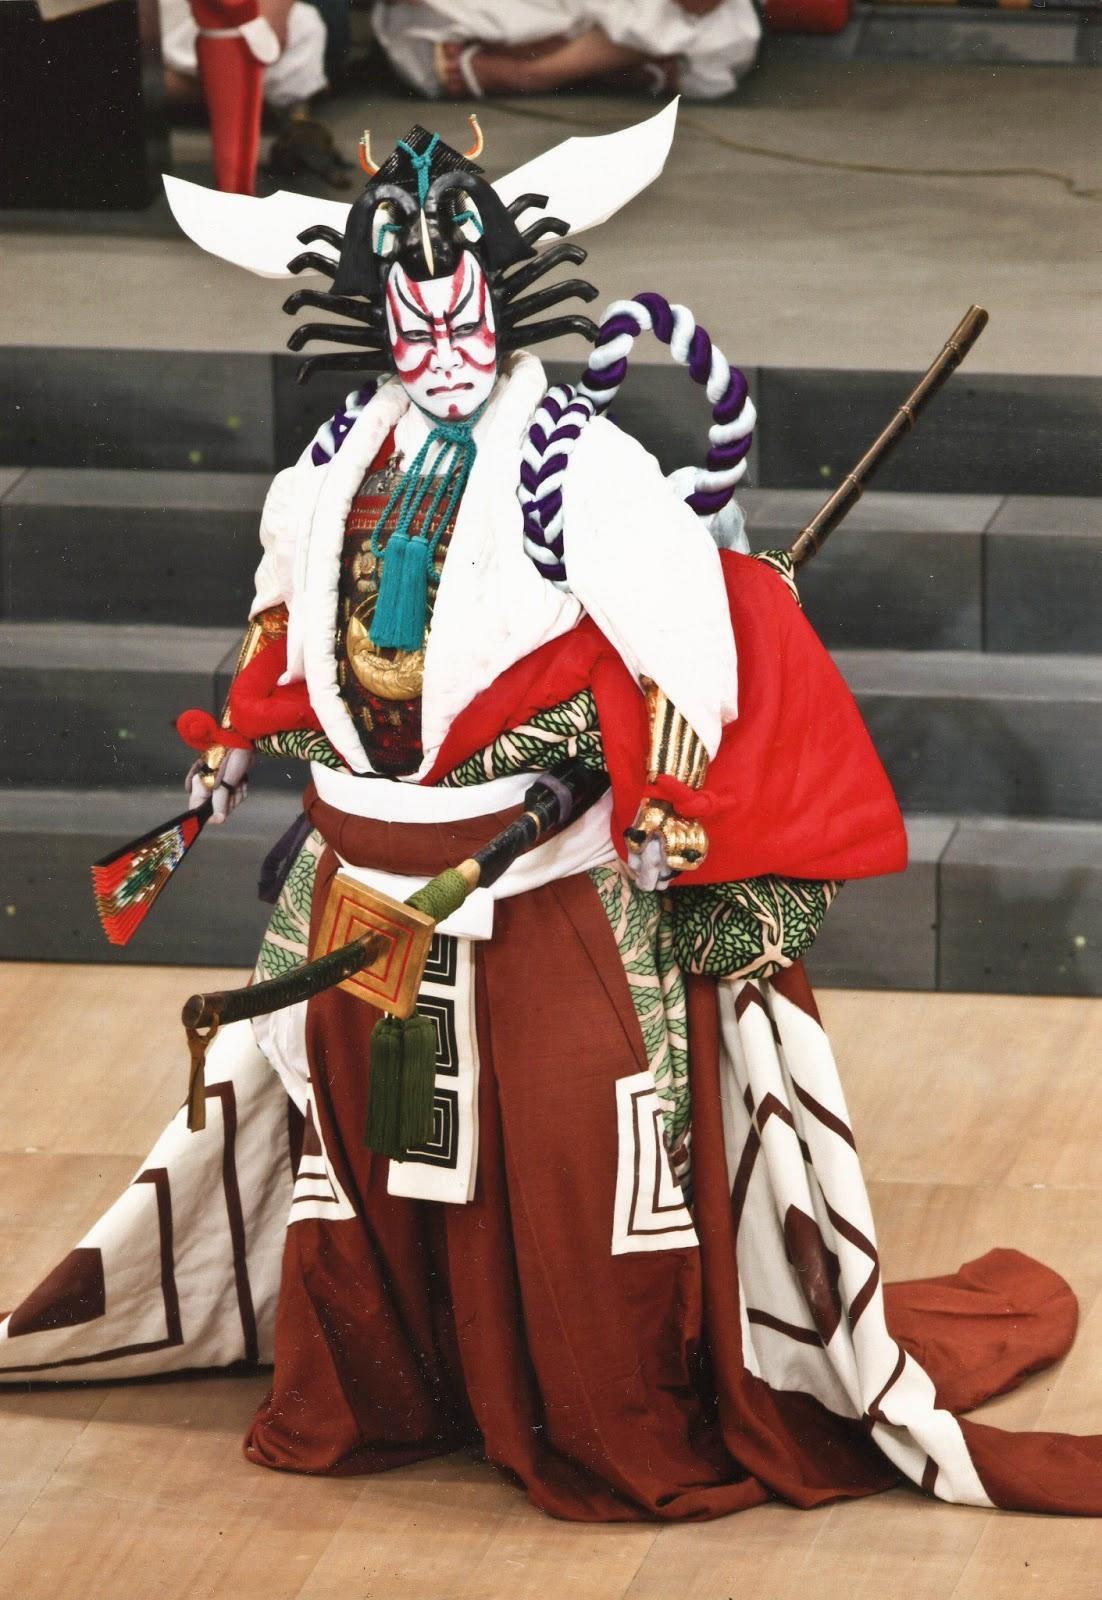 【歌舞伎・芸者・着物など】日本の伝統的なシーンの高画質画像・壁紙まとめ!(120画像)